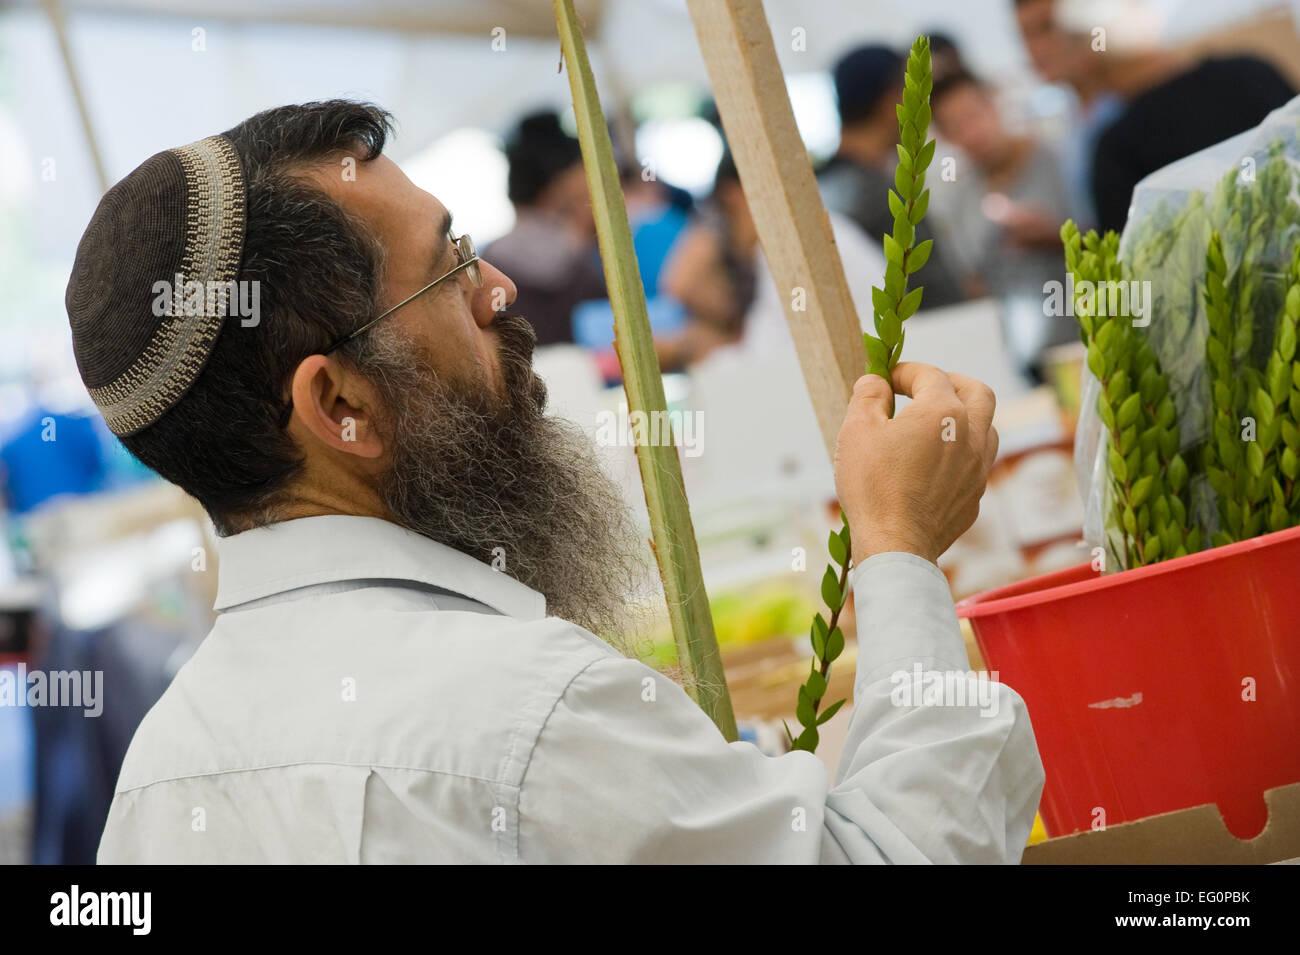 Ein orthodoxer Jude prüft eine Myrte Pflanze auf einem Markt in Jerusalem kurz vor dem Fest der Laubhütten Stockbild